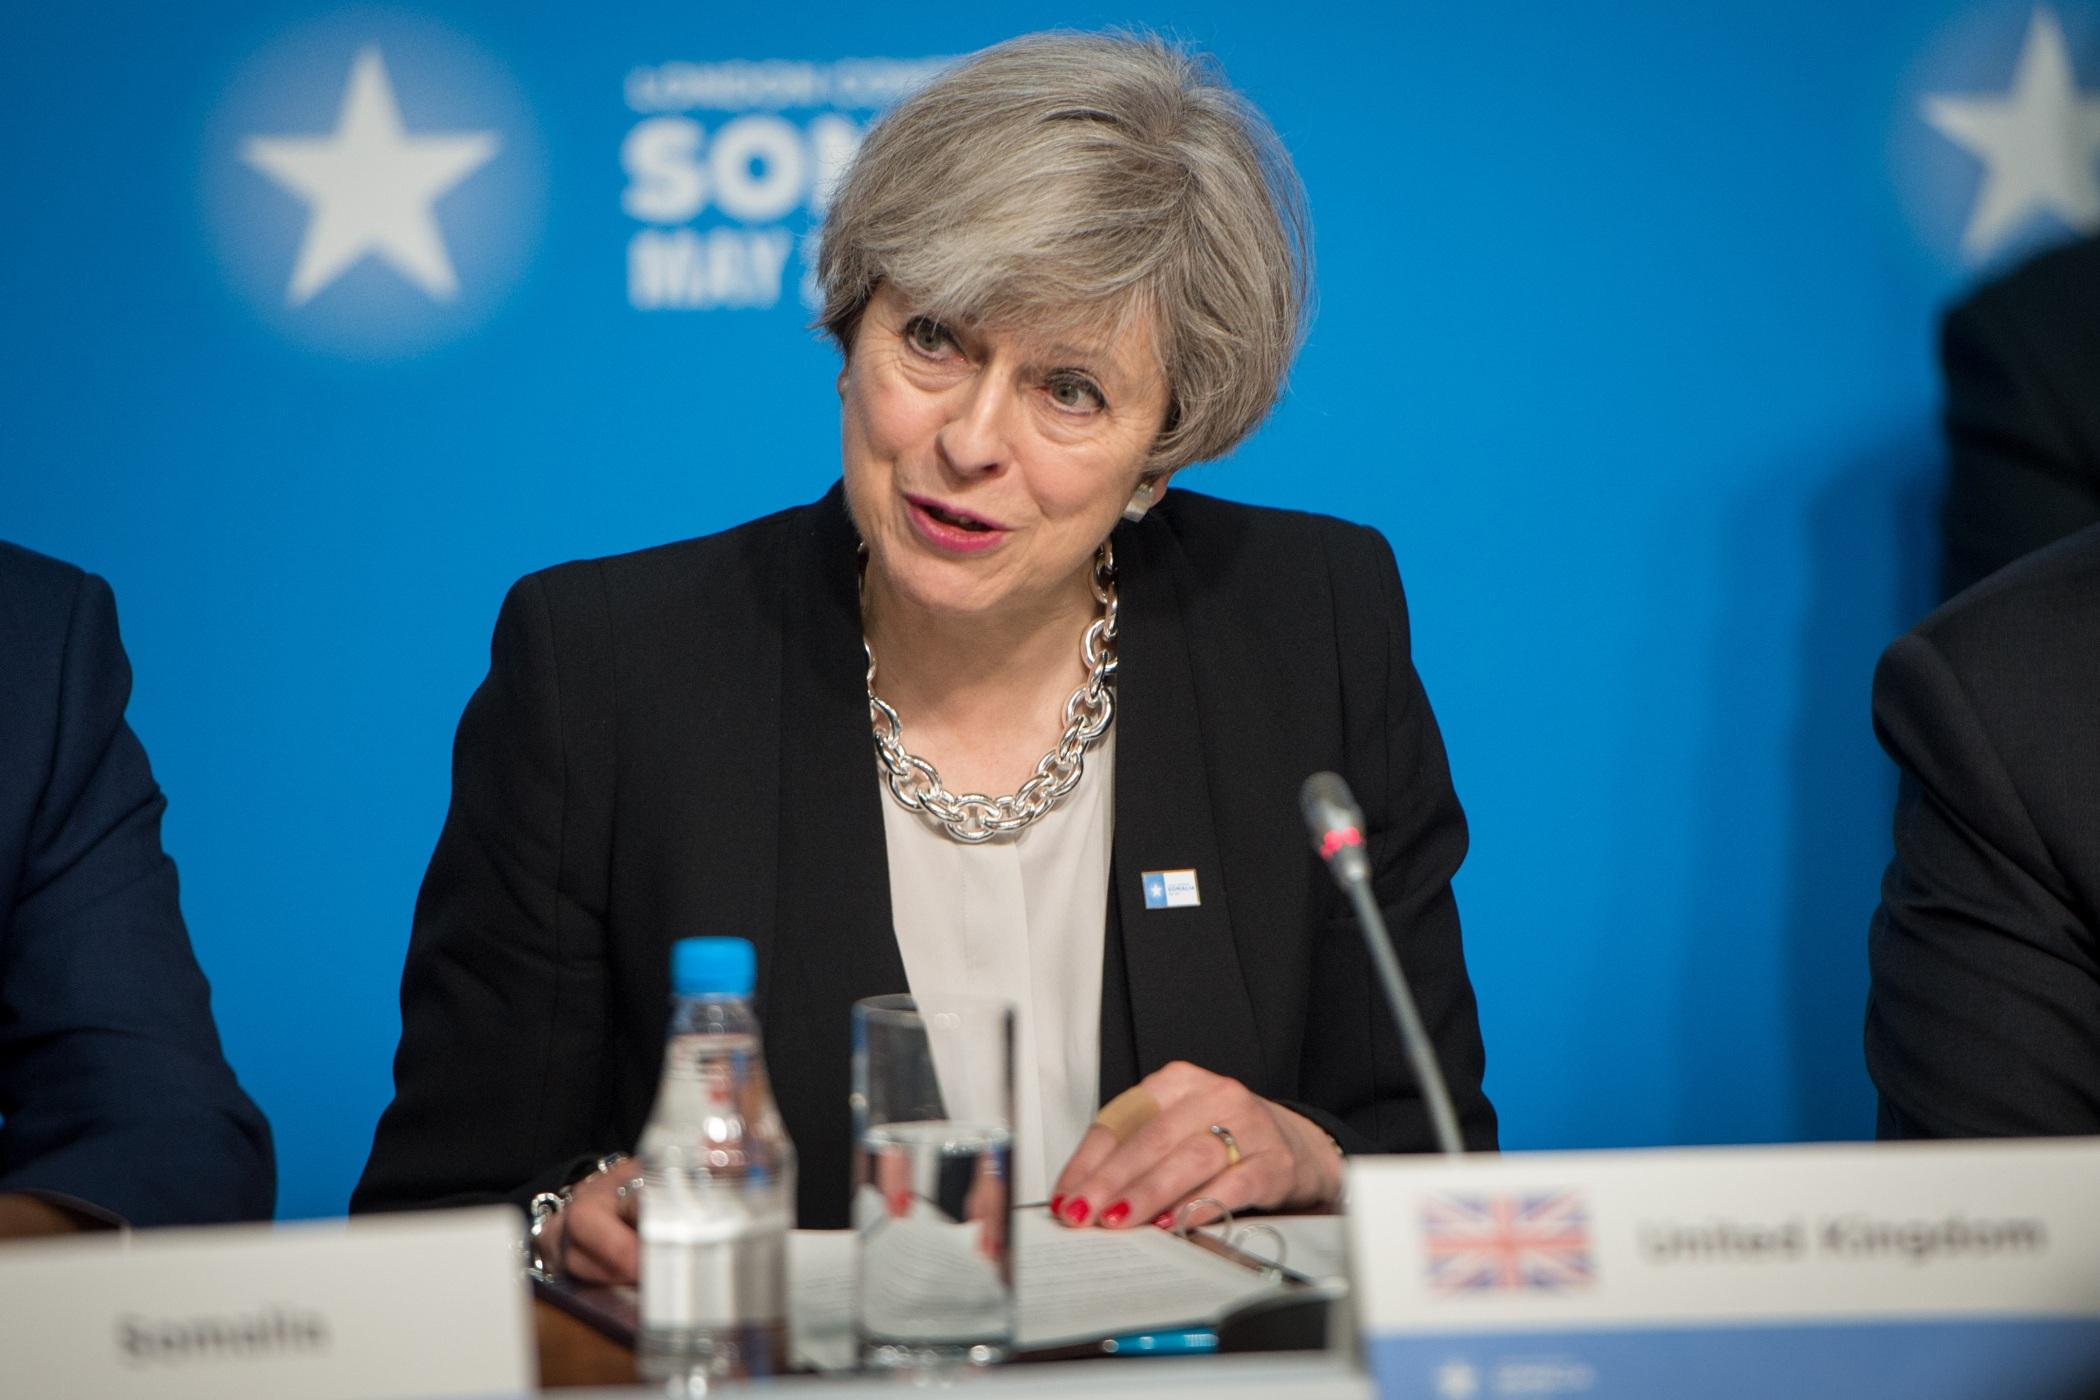 Změnilo by se něco, kdyby o brexitu s Bruselem nejednali konzervativci premiérky Mayové, ale labouristé?